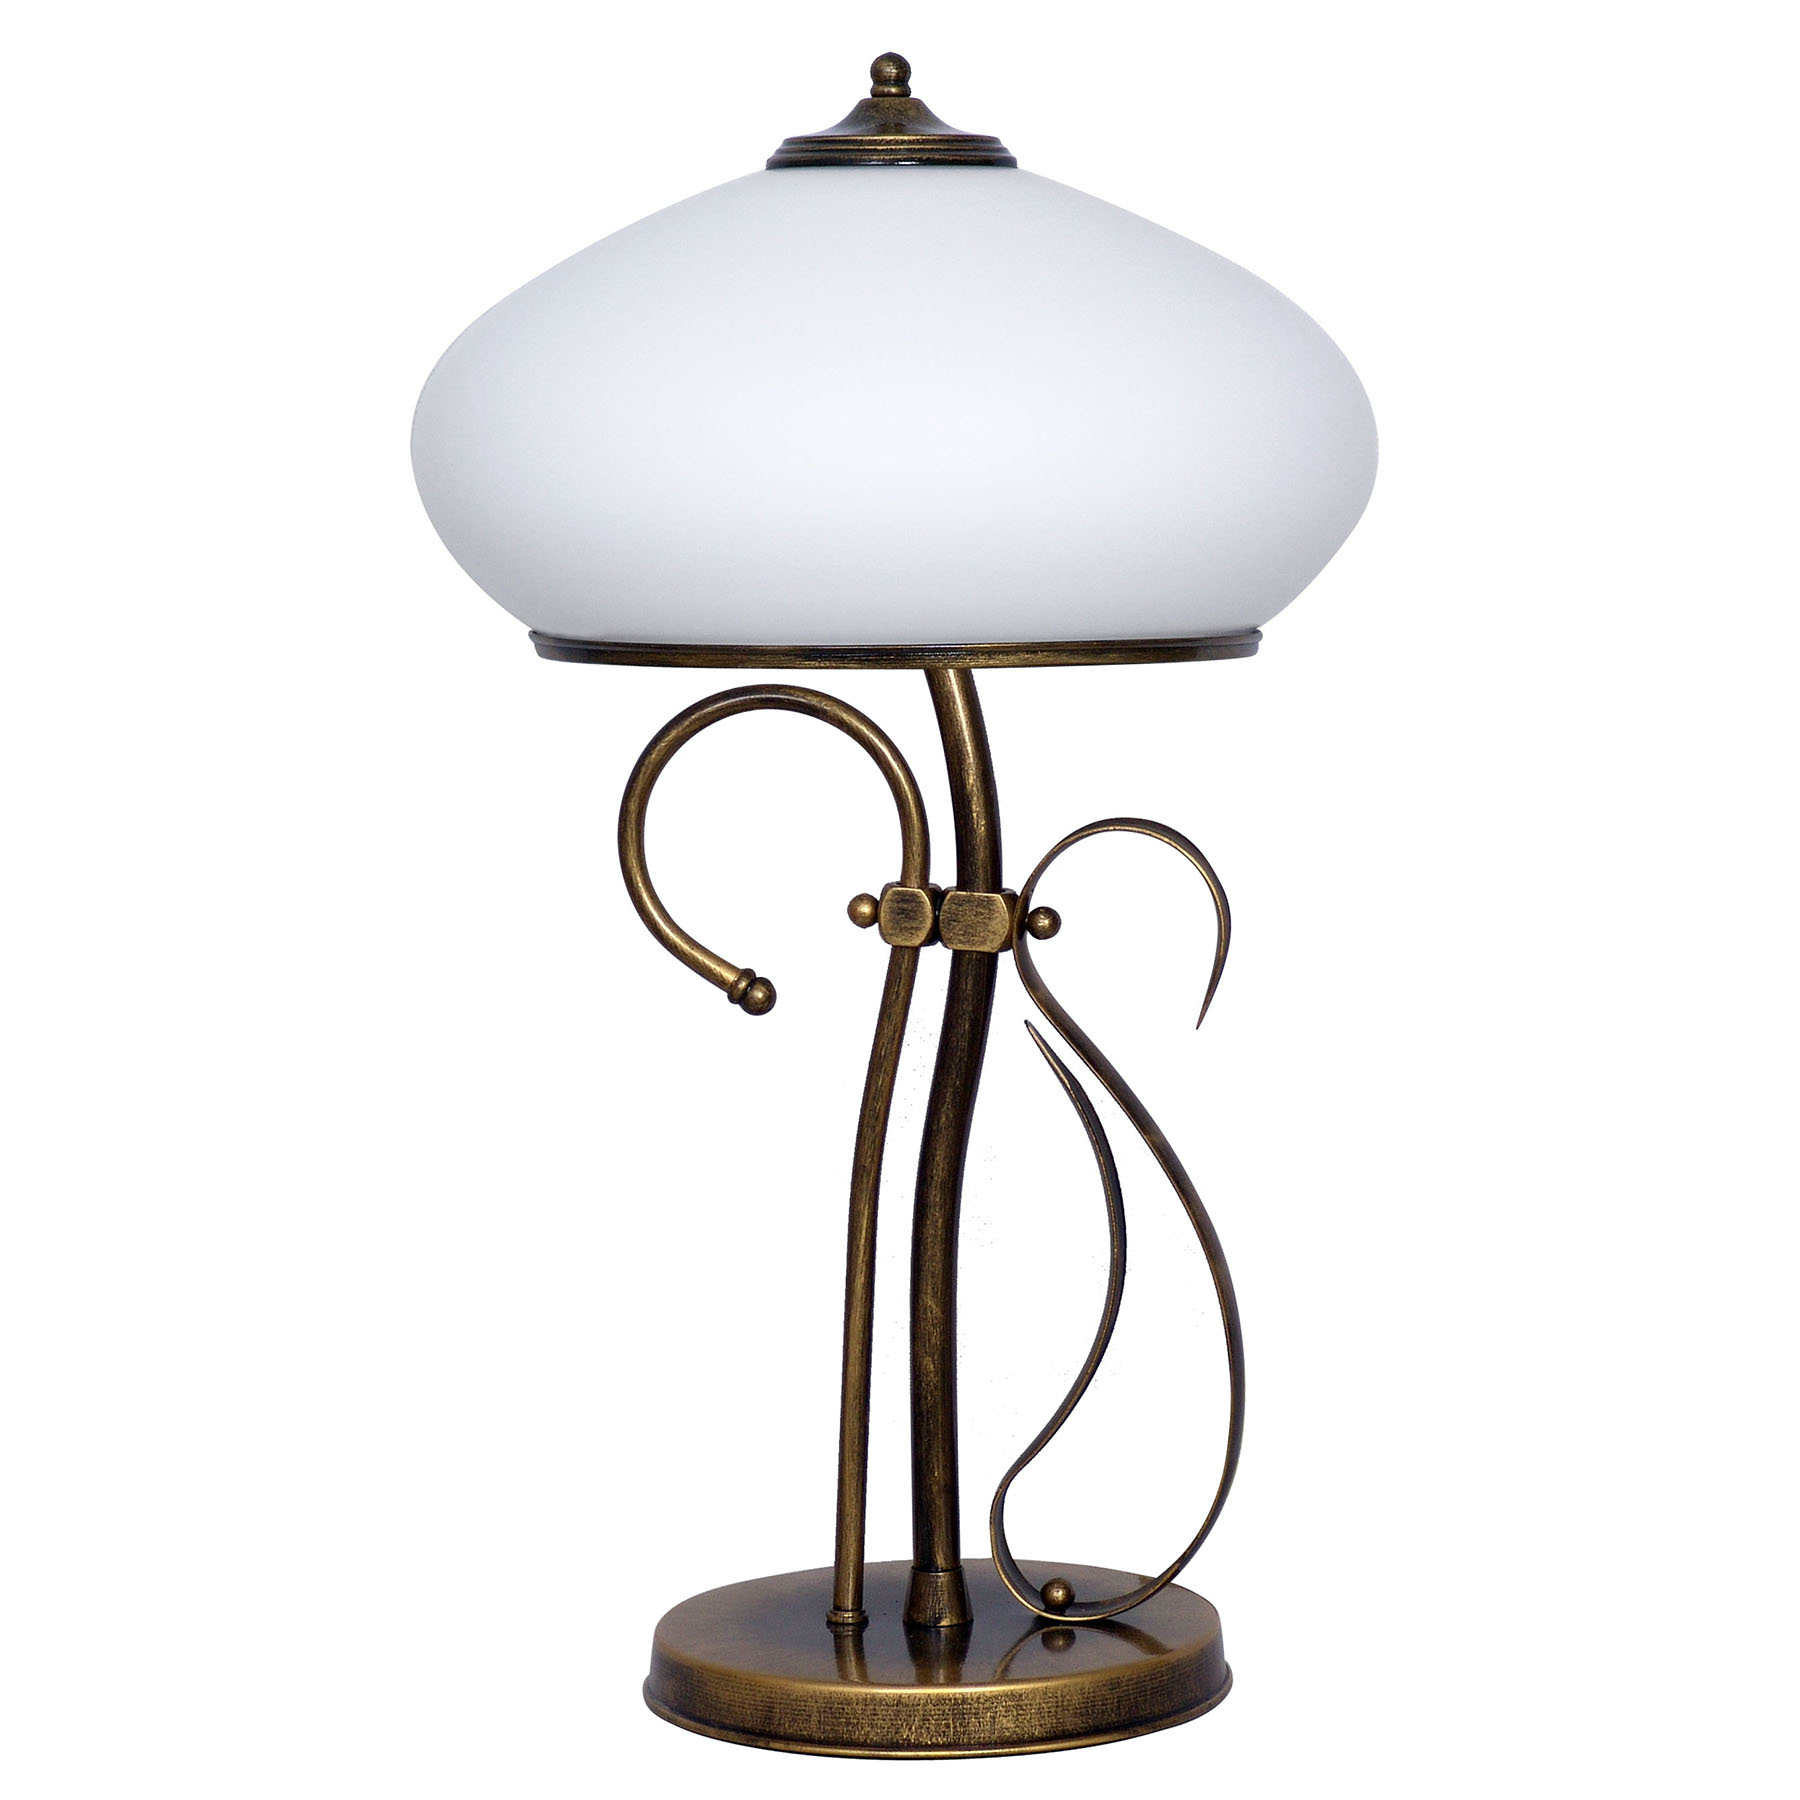 Tischleuchte 493, Opalglas/gold antik, Höhe 60 cm